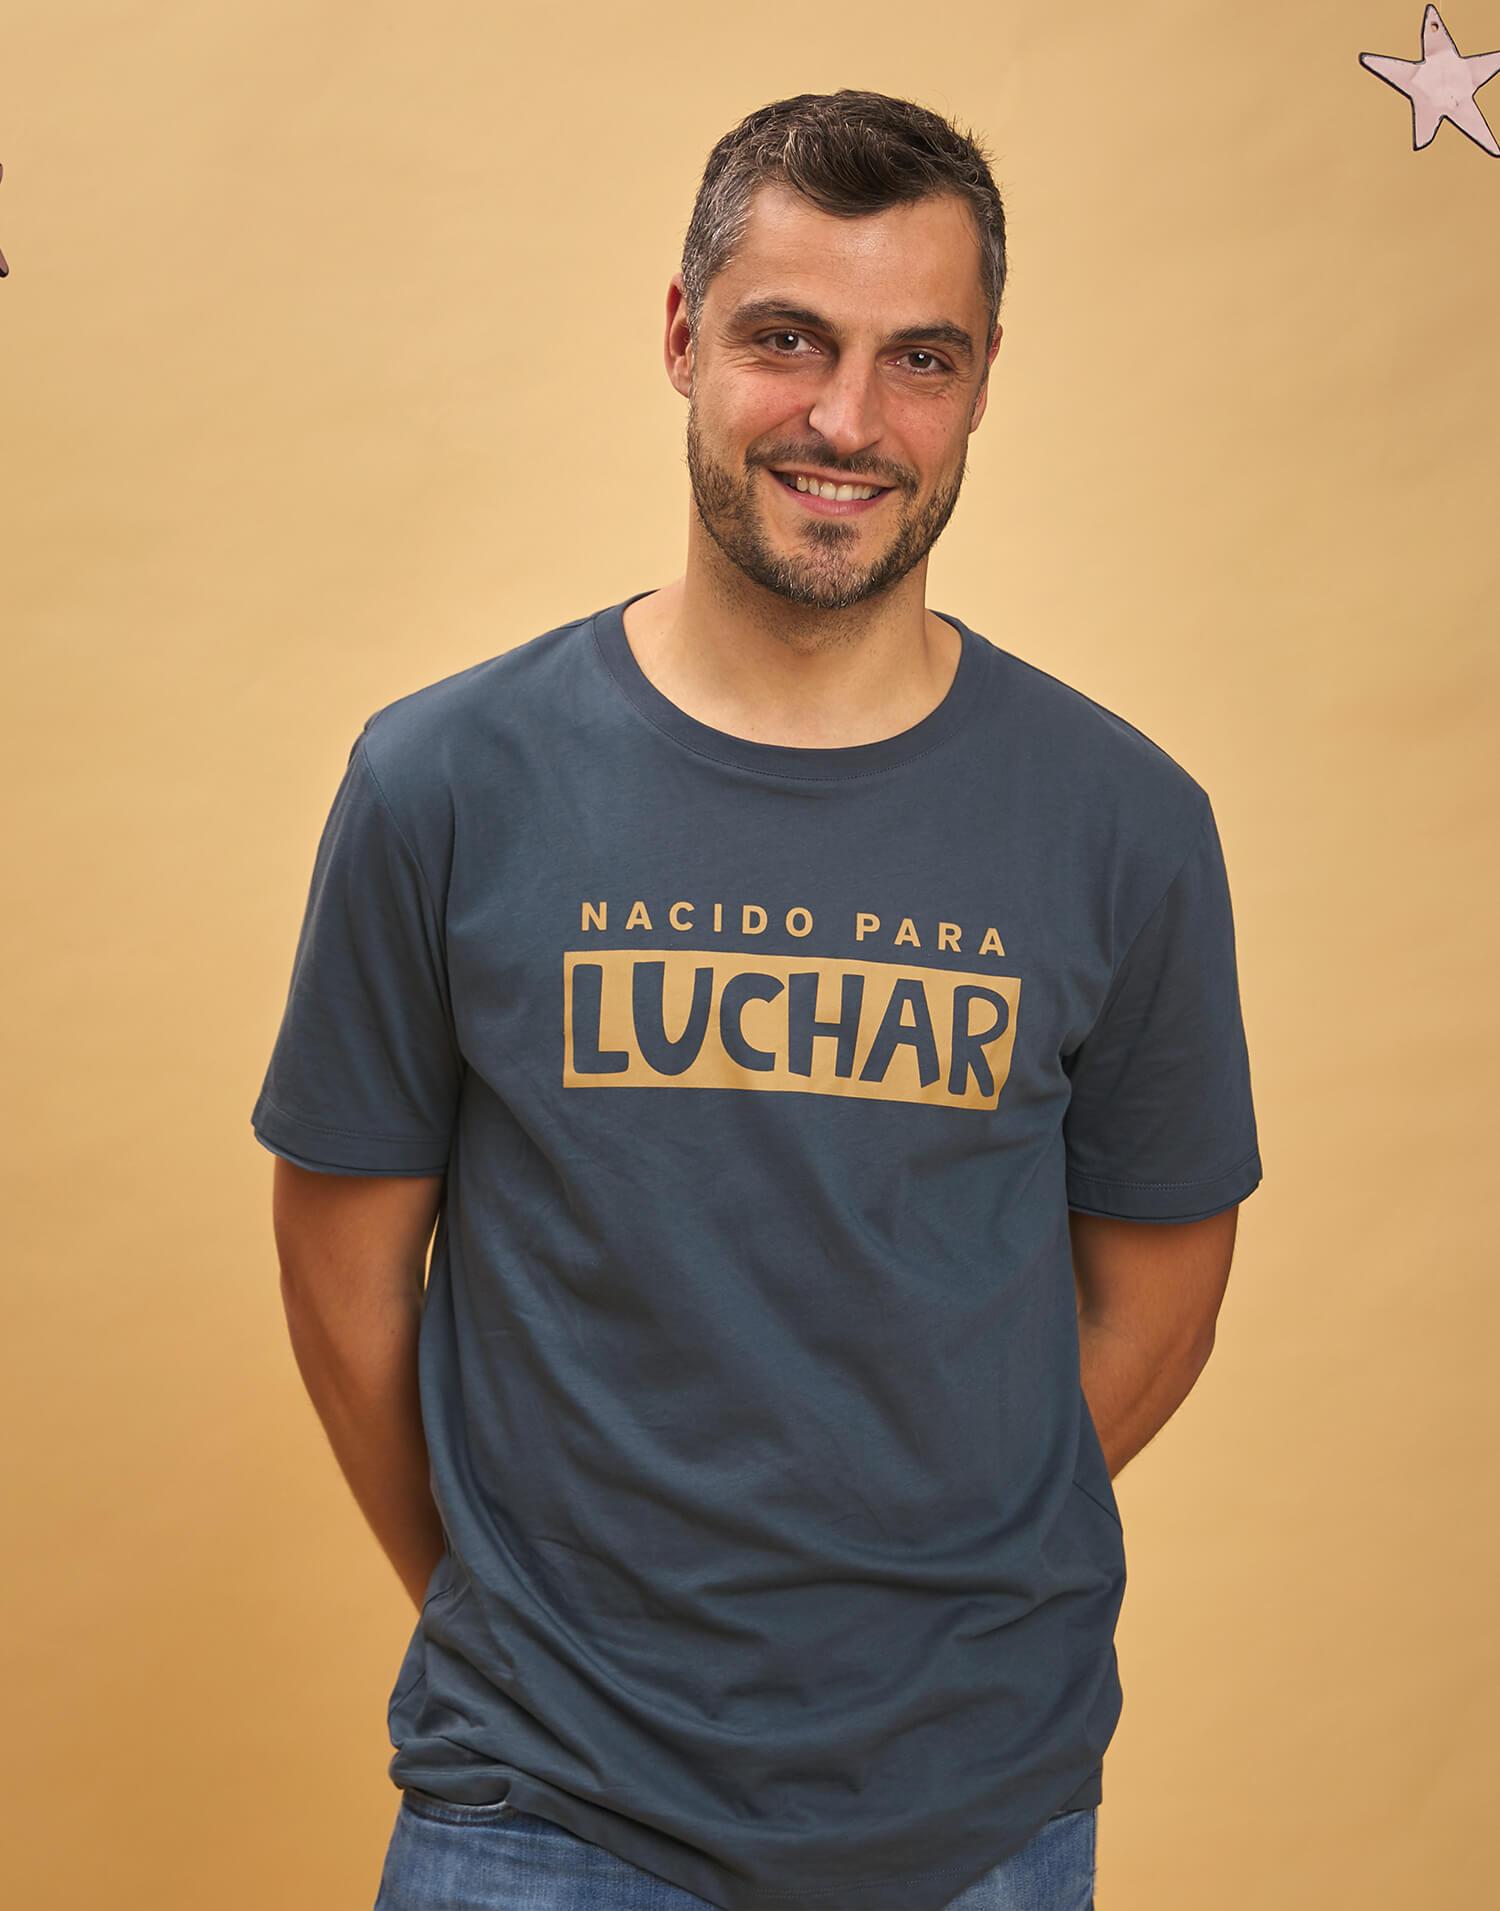 Camiseta de hombre 2019 'Nacido para luchar'